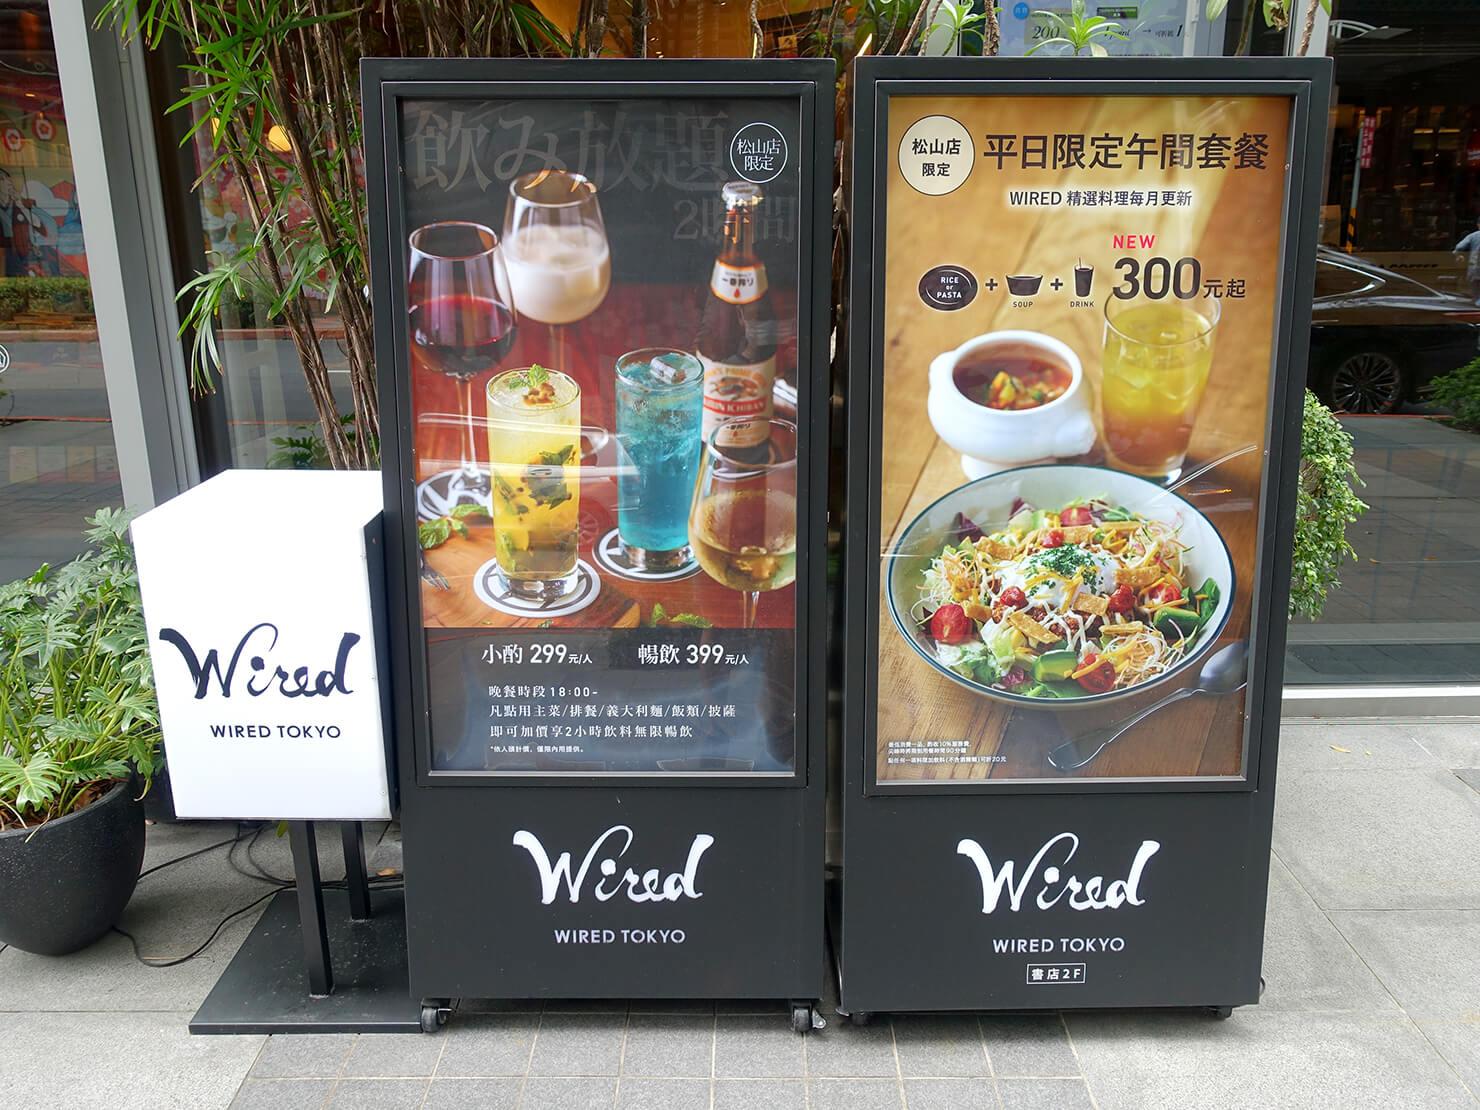 台北で日本語の本が買えるおすすめの本屋さん「TSUTAYA BOOKSTORE」併設のWIRED CAFE